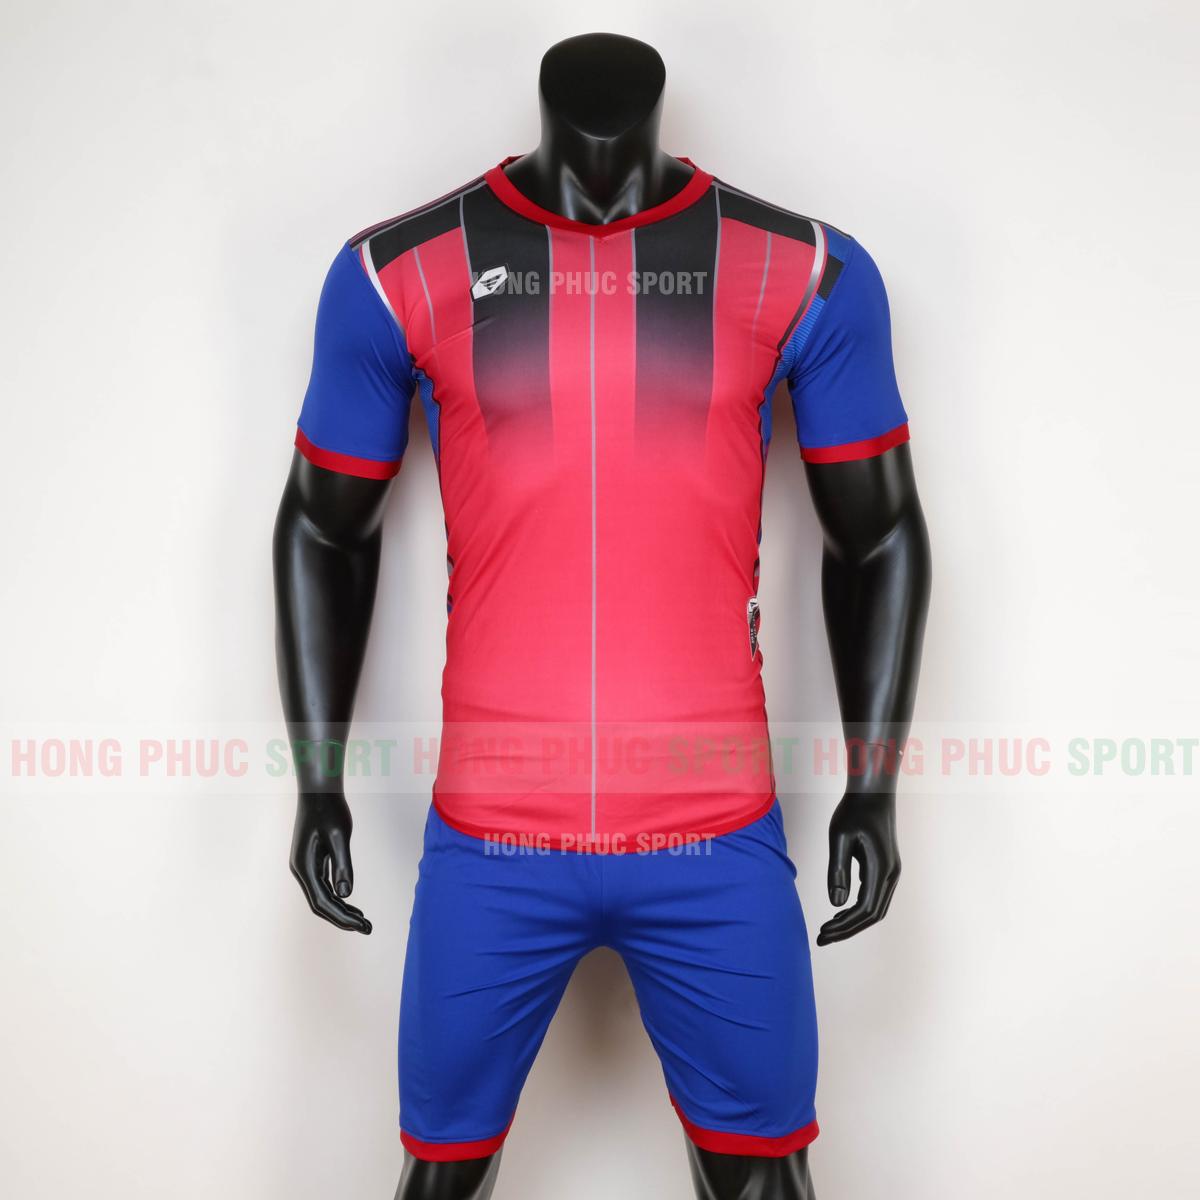 https://cdn.hongphucsport.com/unsafe/cdn.hongphucsport.com/dothethao.net.vn/wp-content/uploads/2020/01/ao-bong-da-khong-logo-target-2020-do-xanh-1.png